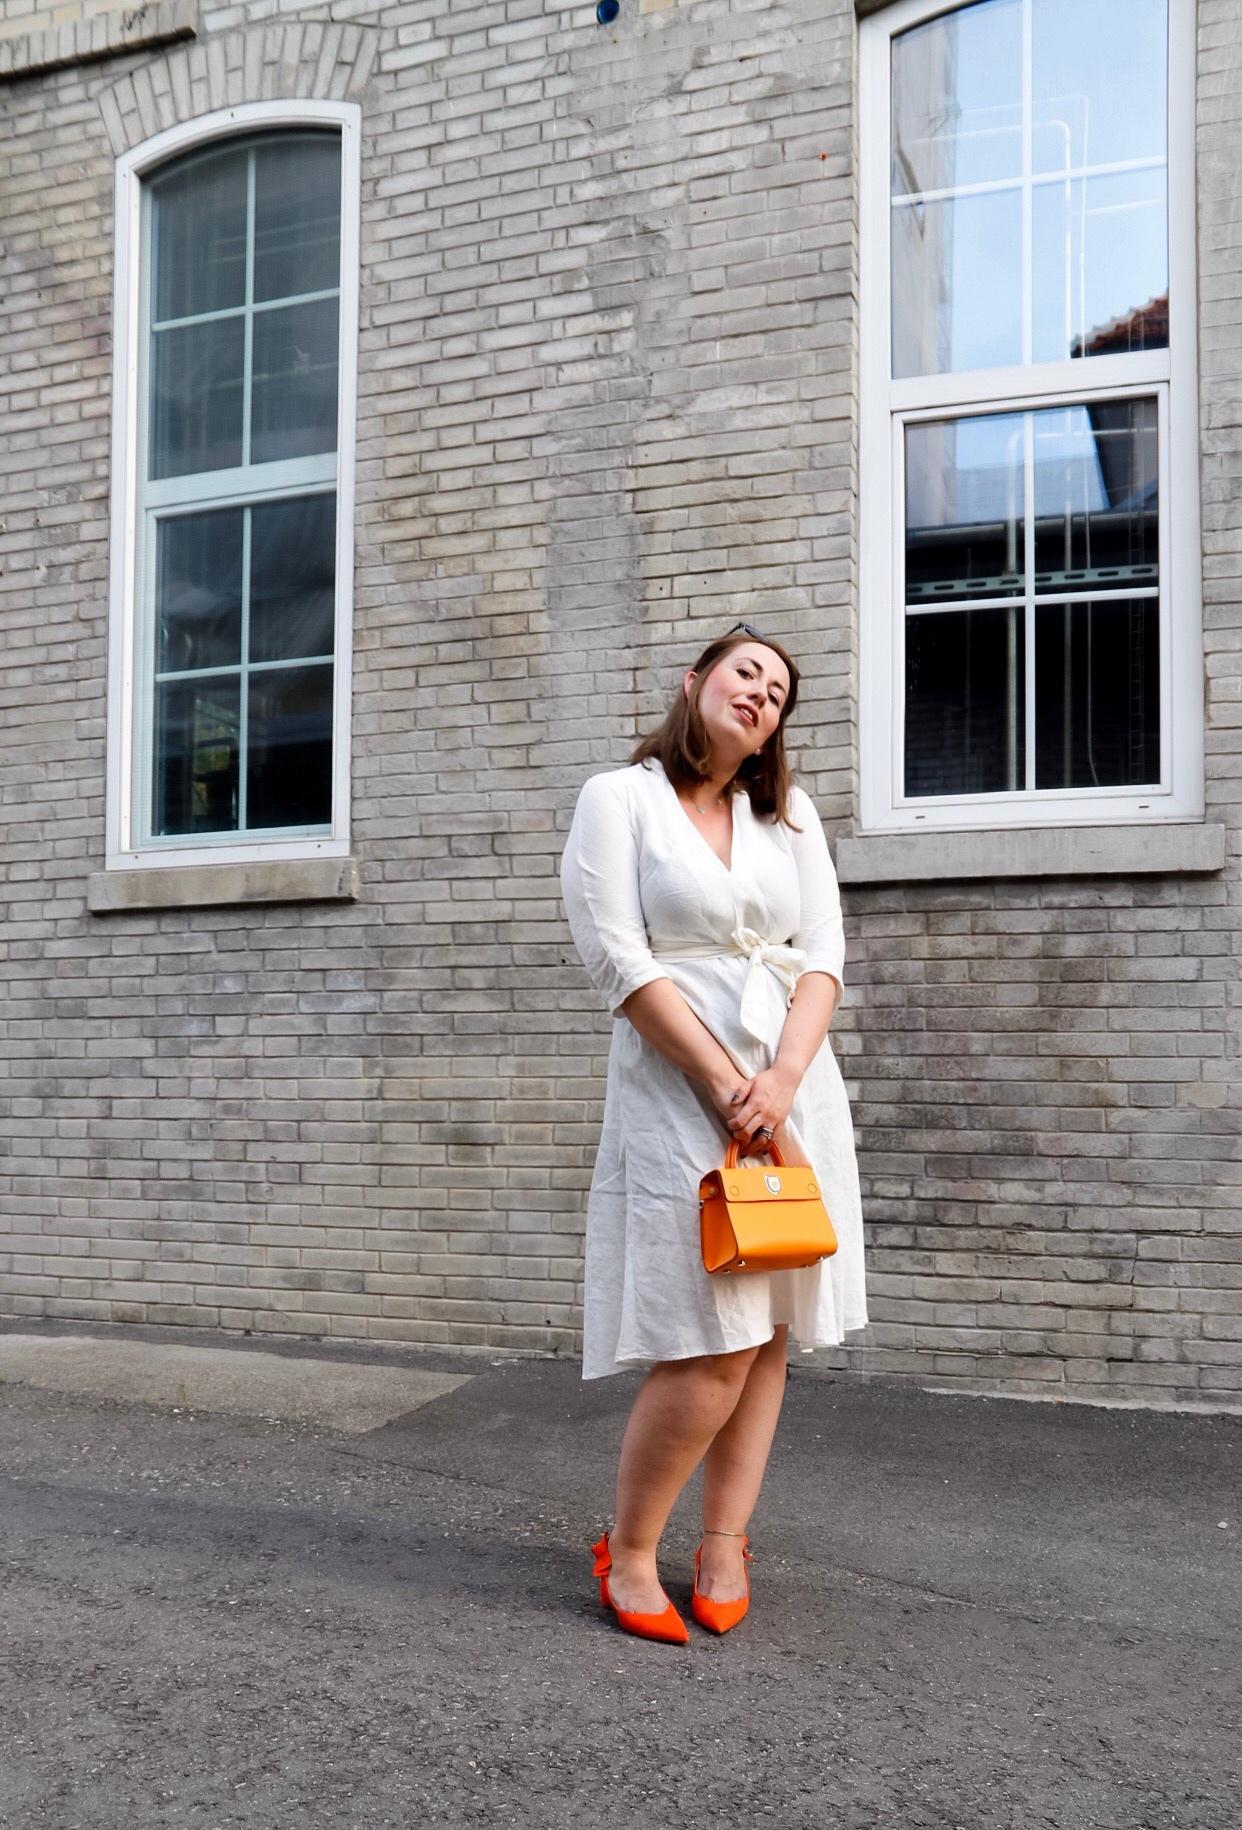 Weißes-Leinenkleid-Leinen-kombinieren-Dior-Ever-Diorever-Orange-Susanne-Heidebach-Miss-Suzie-Loves-Curvyblogger-2